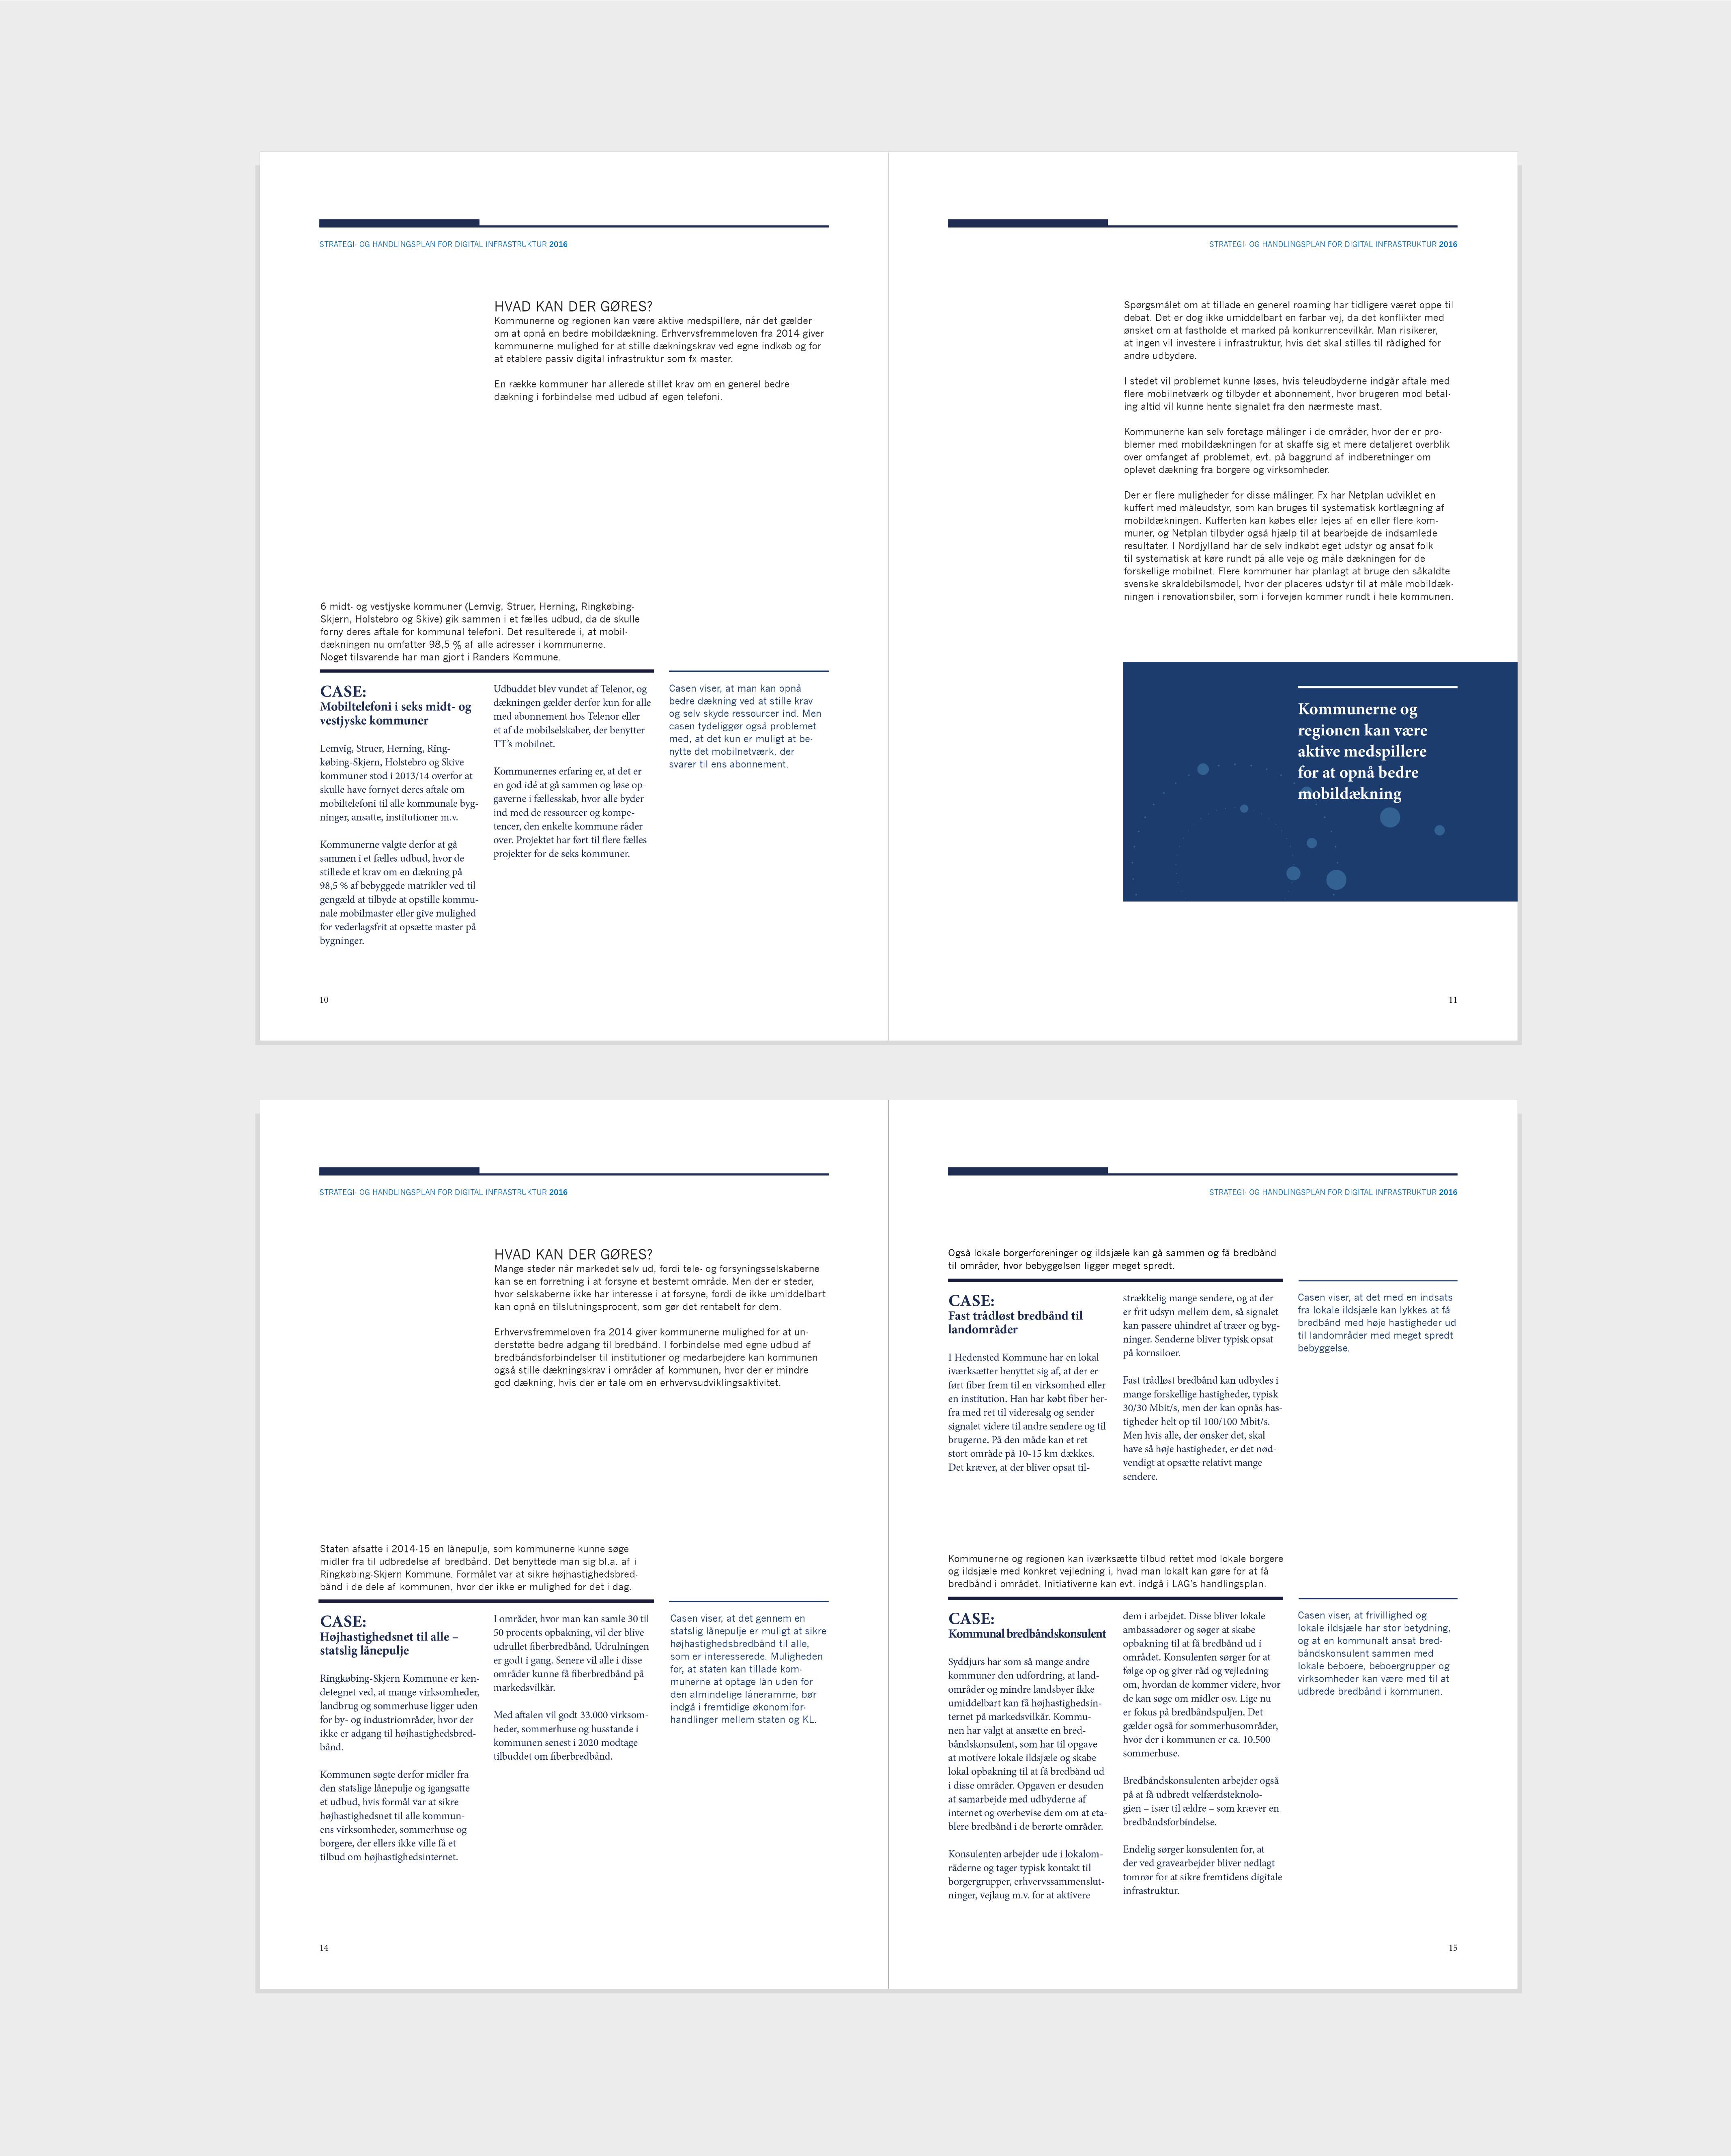 brochure_regiomidt_ii